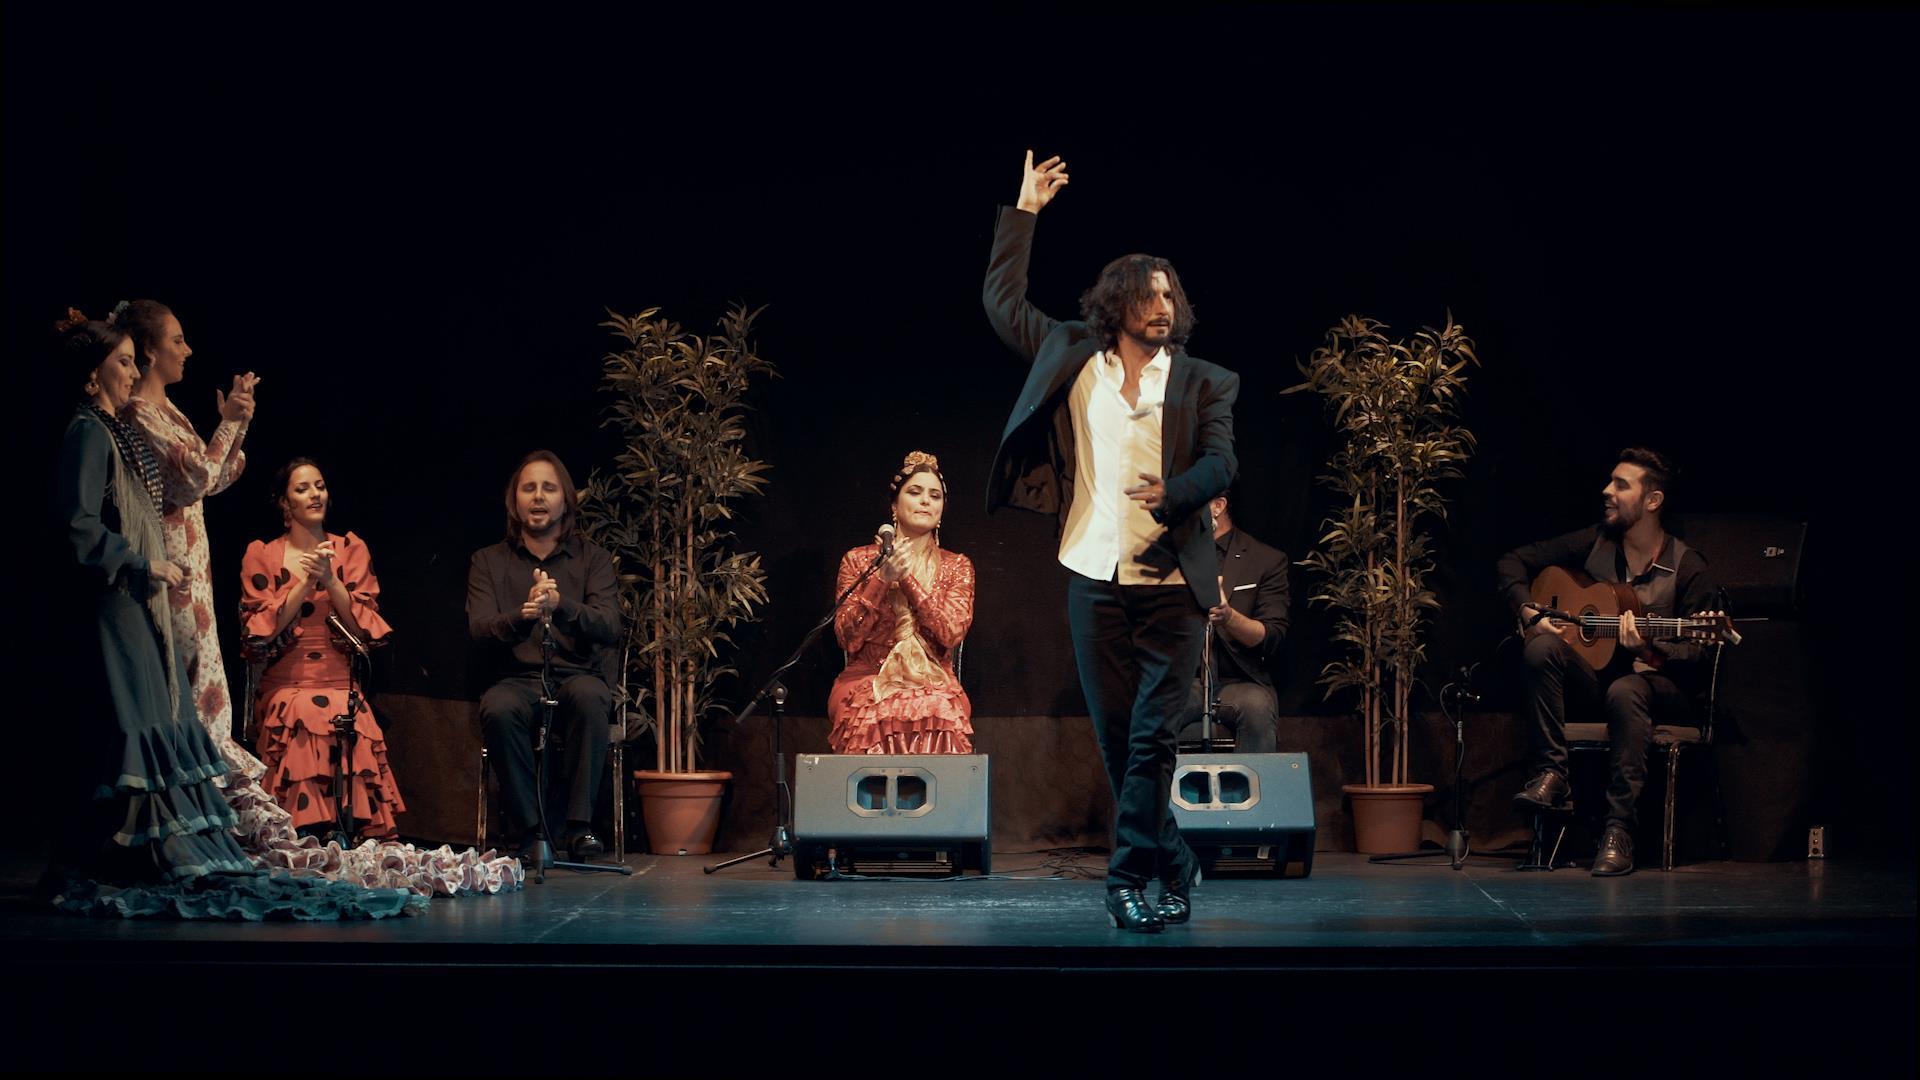 Espectaculo-de-Flamenco-en-el-Teatro-de-Barcelona-1